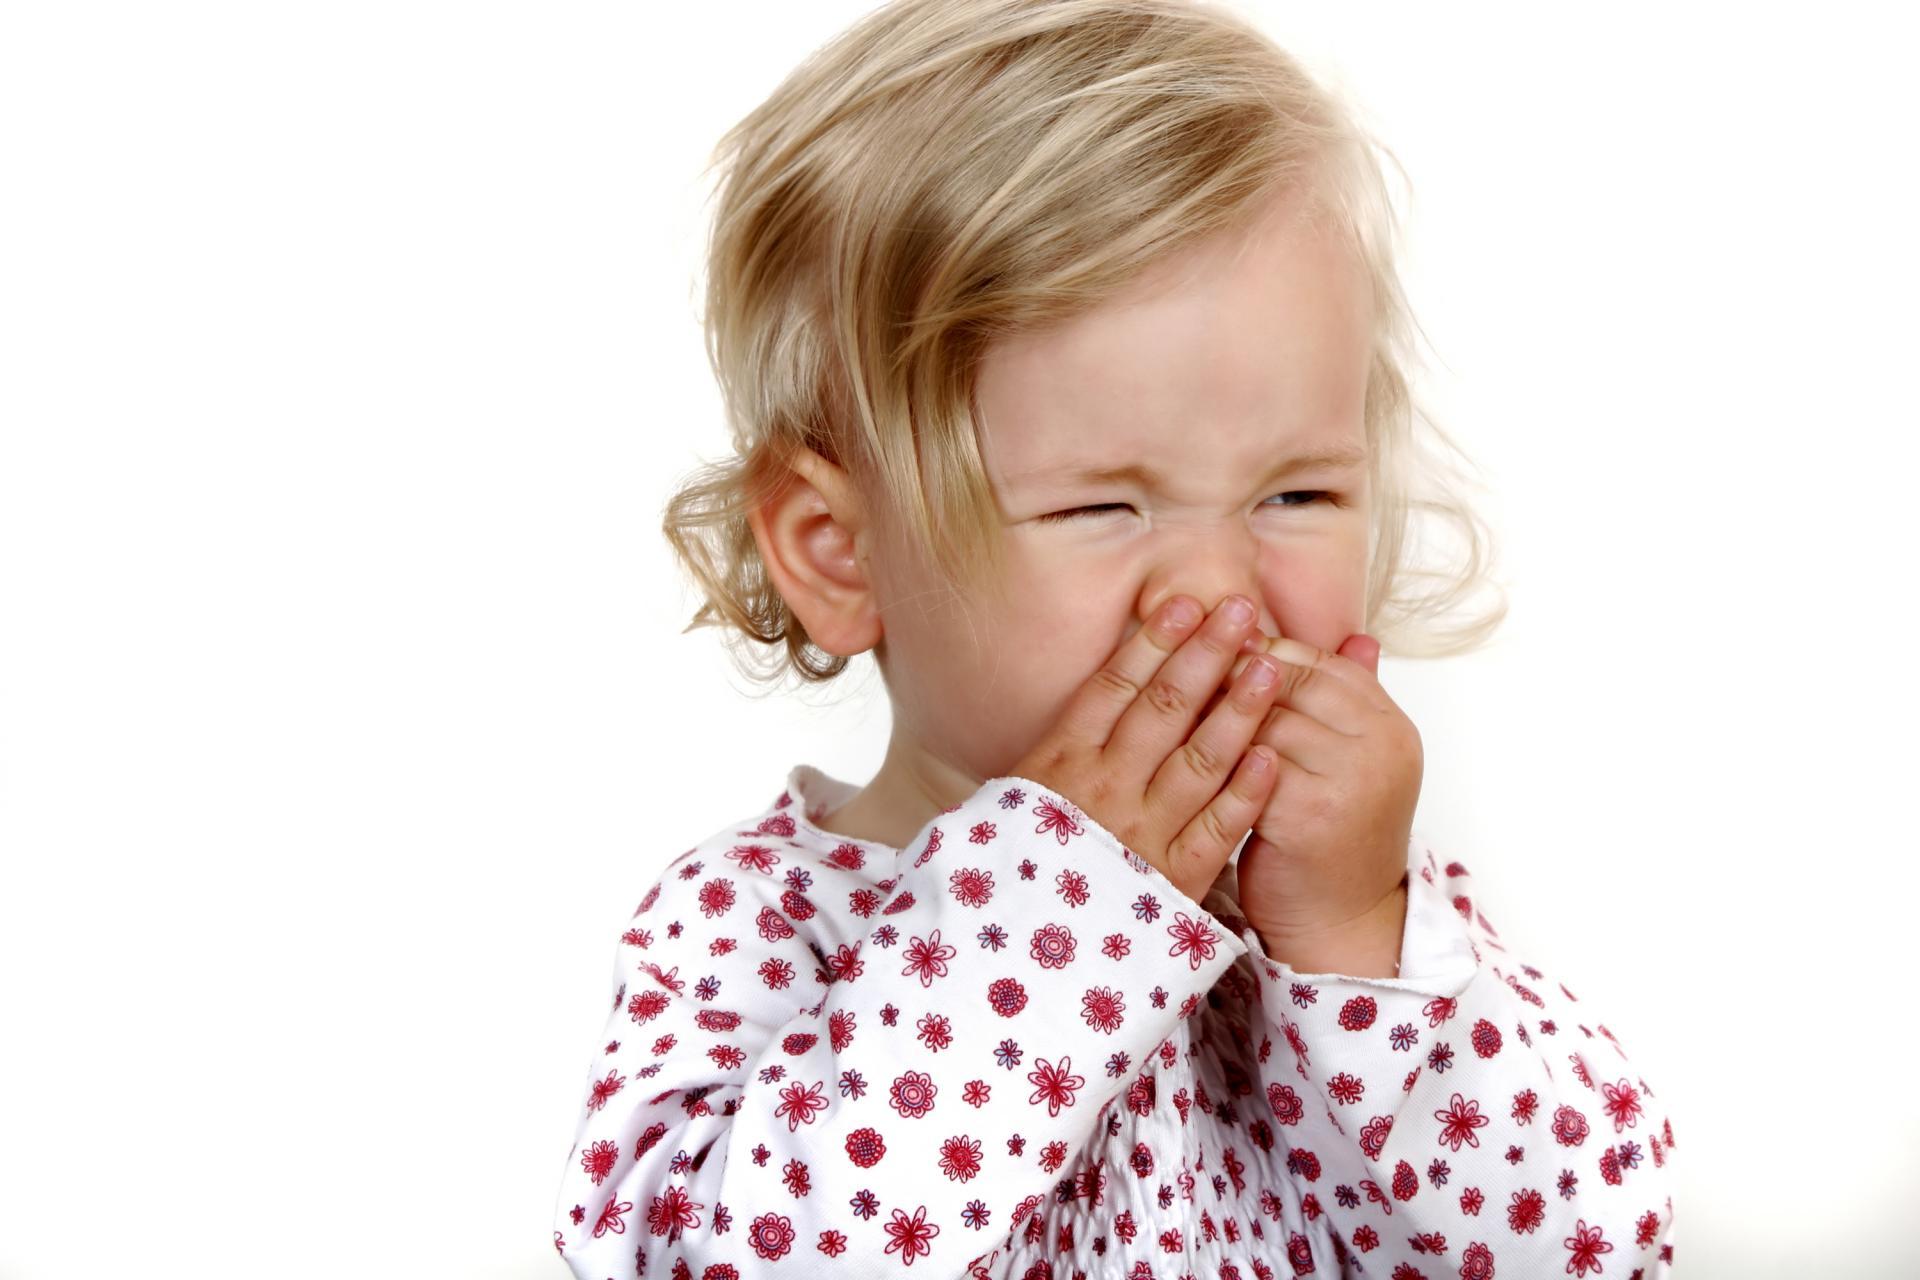 При аллергии у детей поможет Зиртек